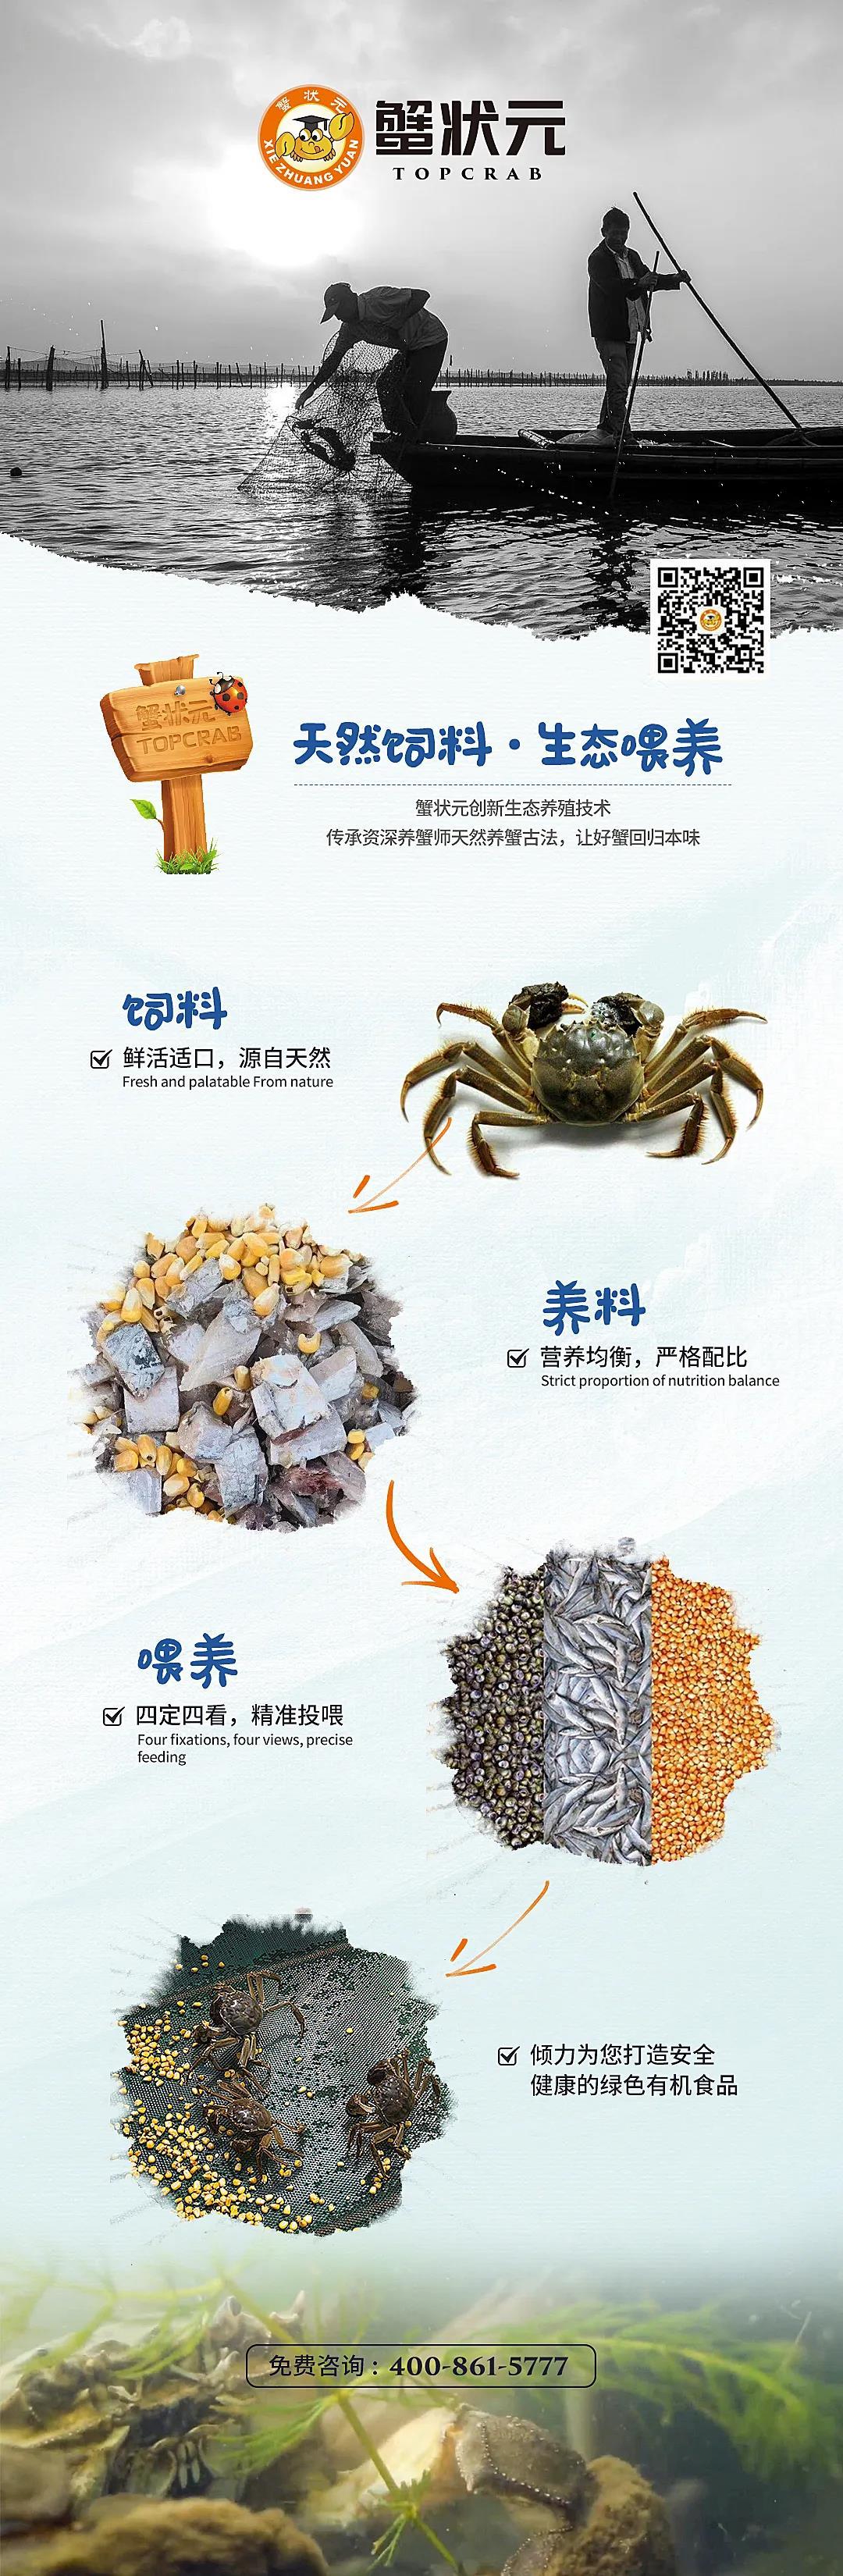 蟹状元大闸蟹养蟹过程